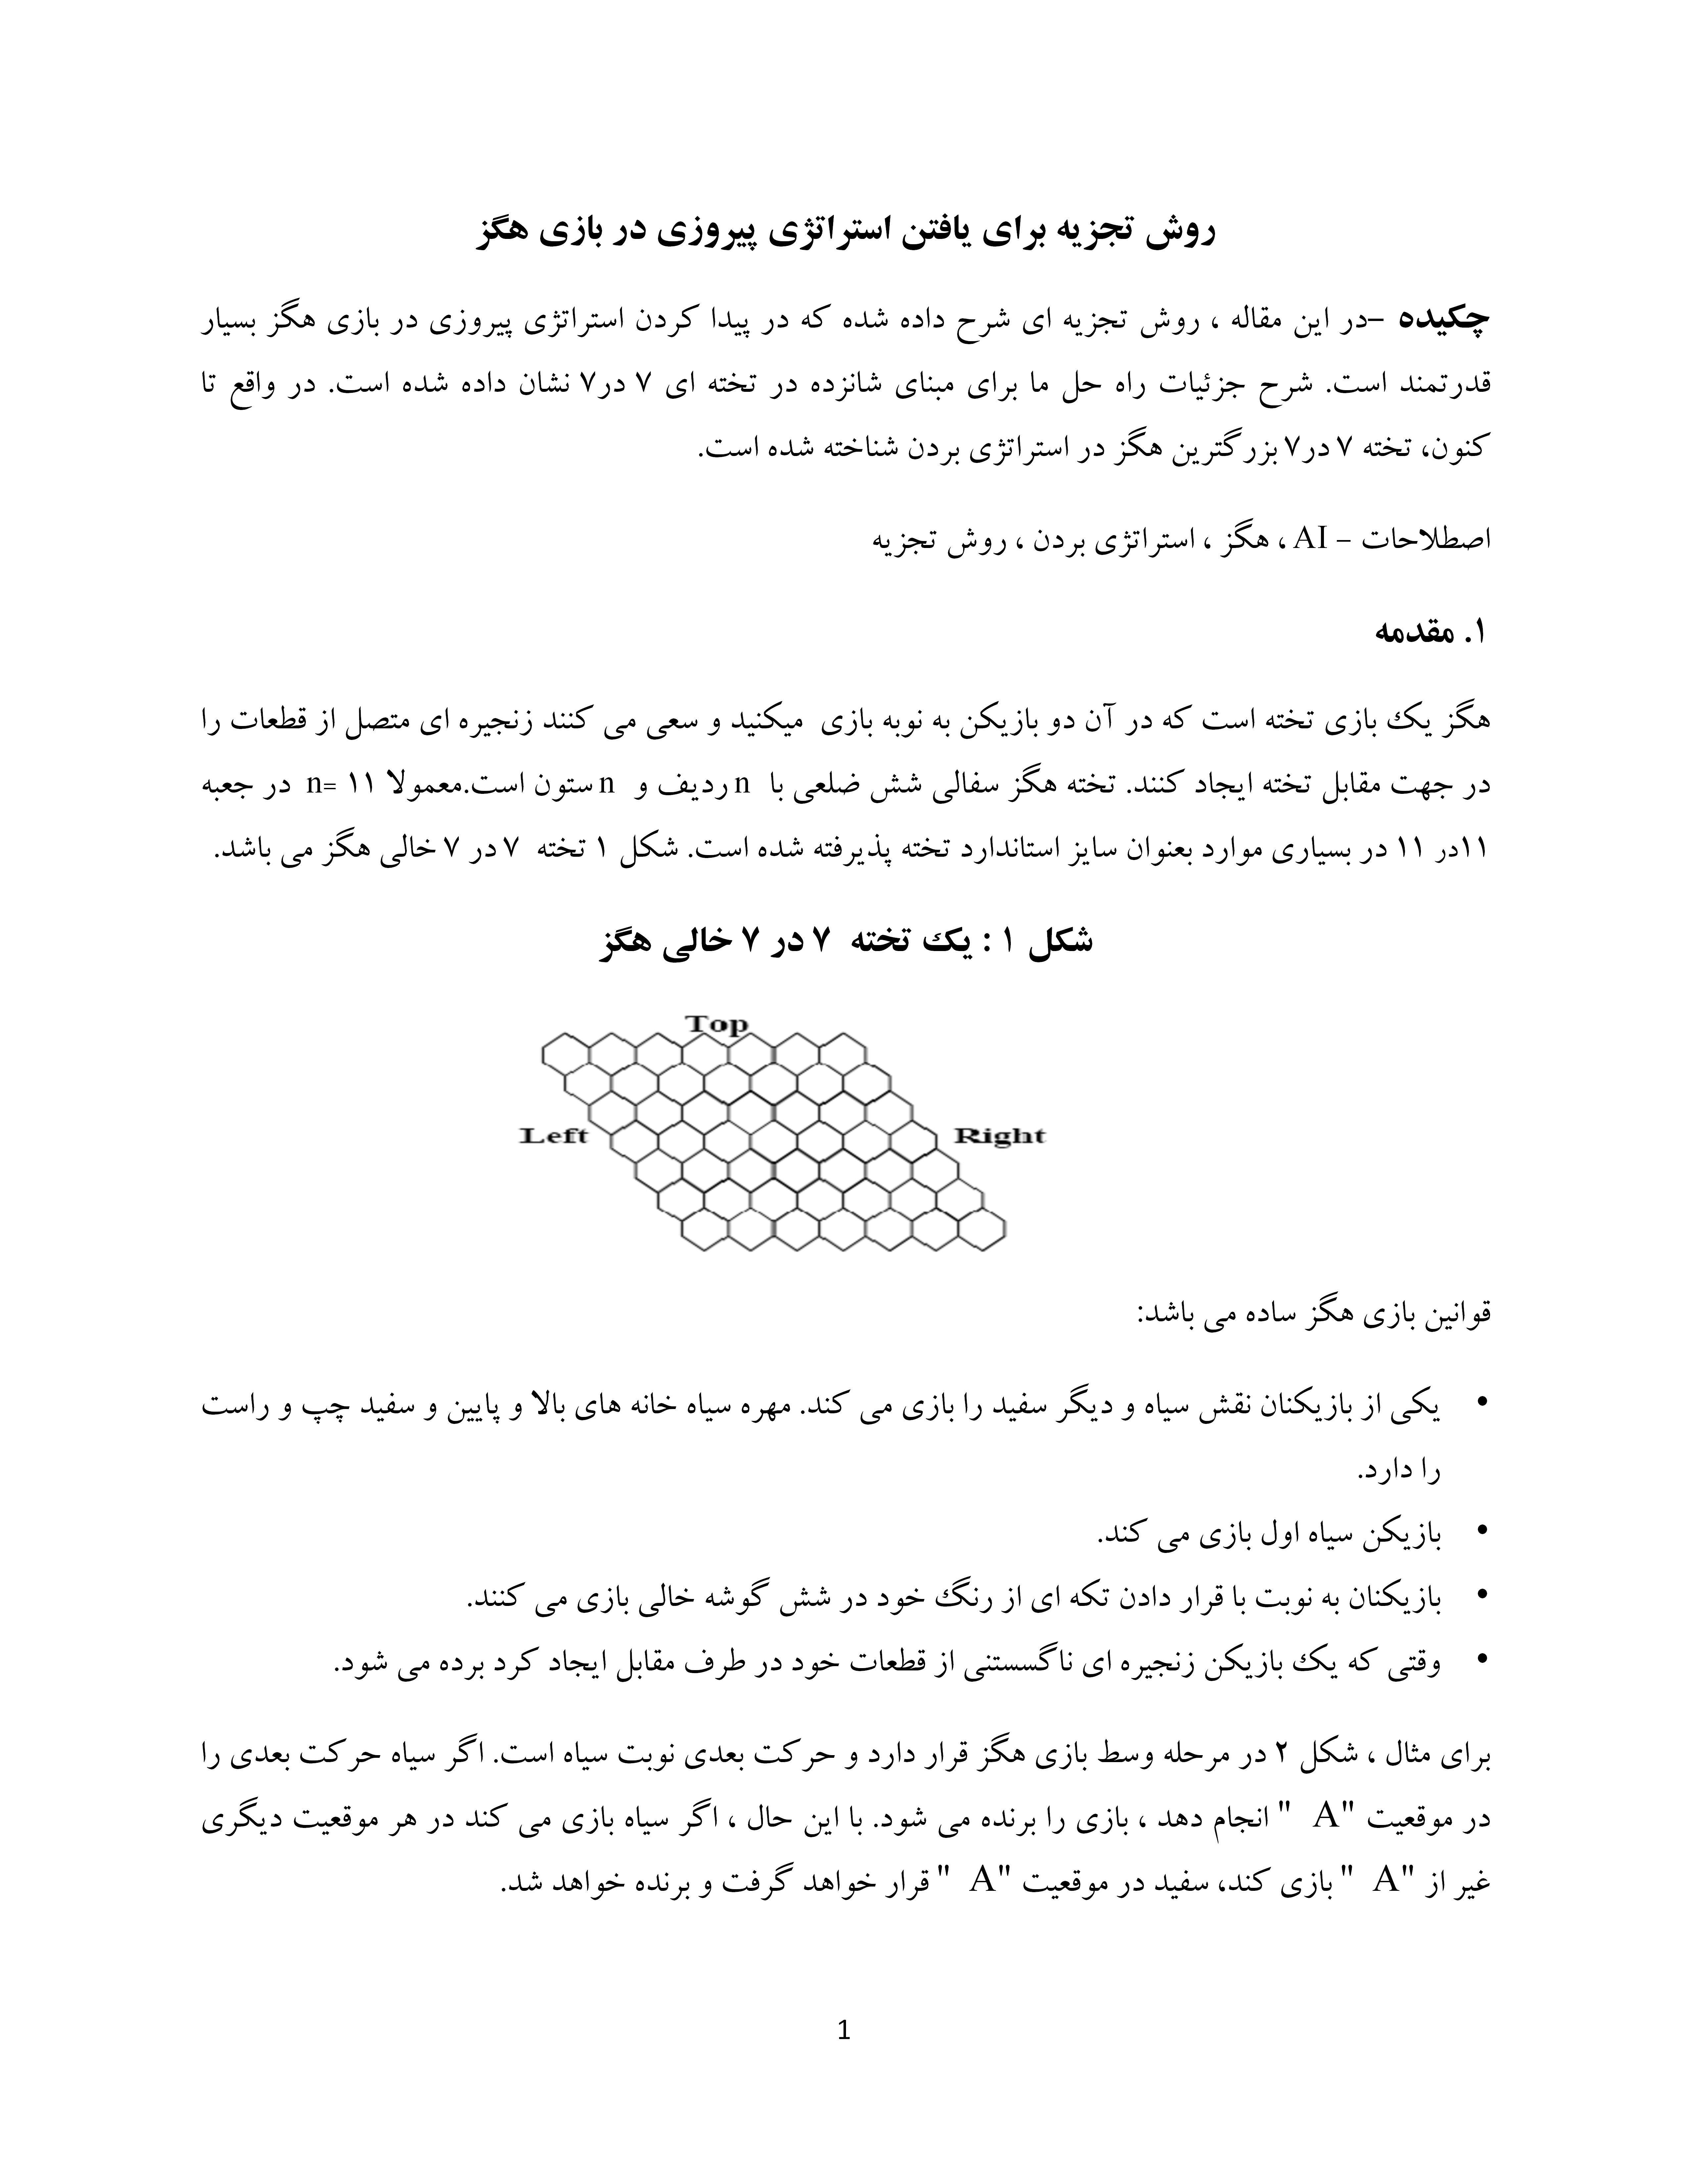 ترجمه مقاله و تحقیق - روش تجزیه برای یافتن استراتژی پیروزی در بازی هگز 40